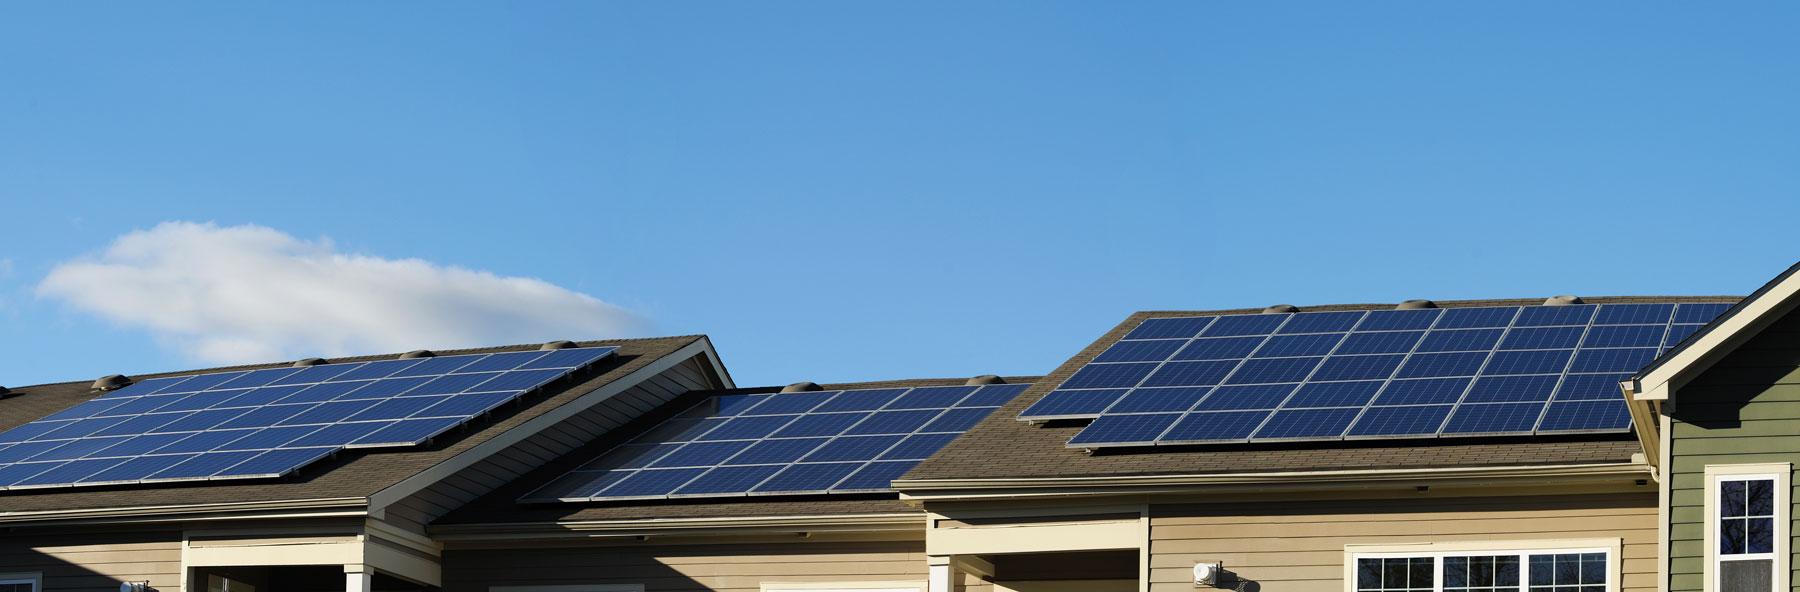 Instalaciones fotovoltaicas minusWAT